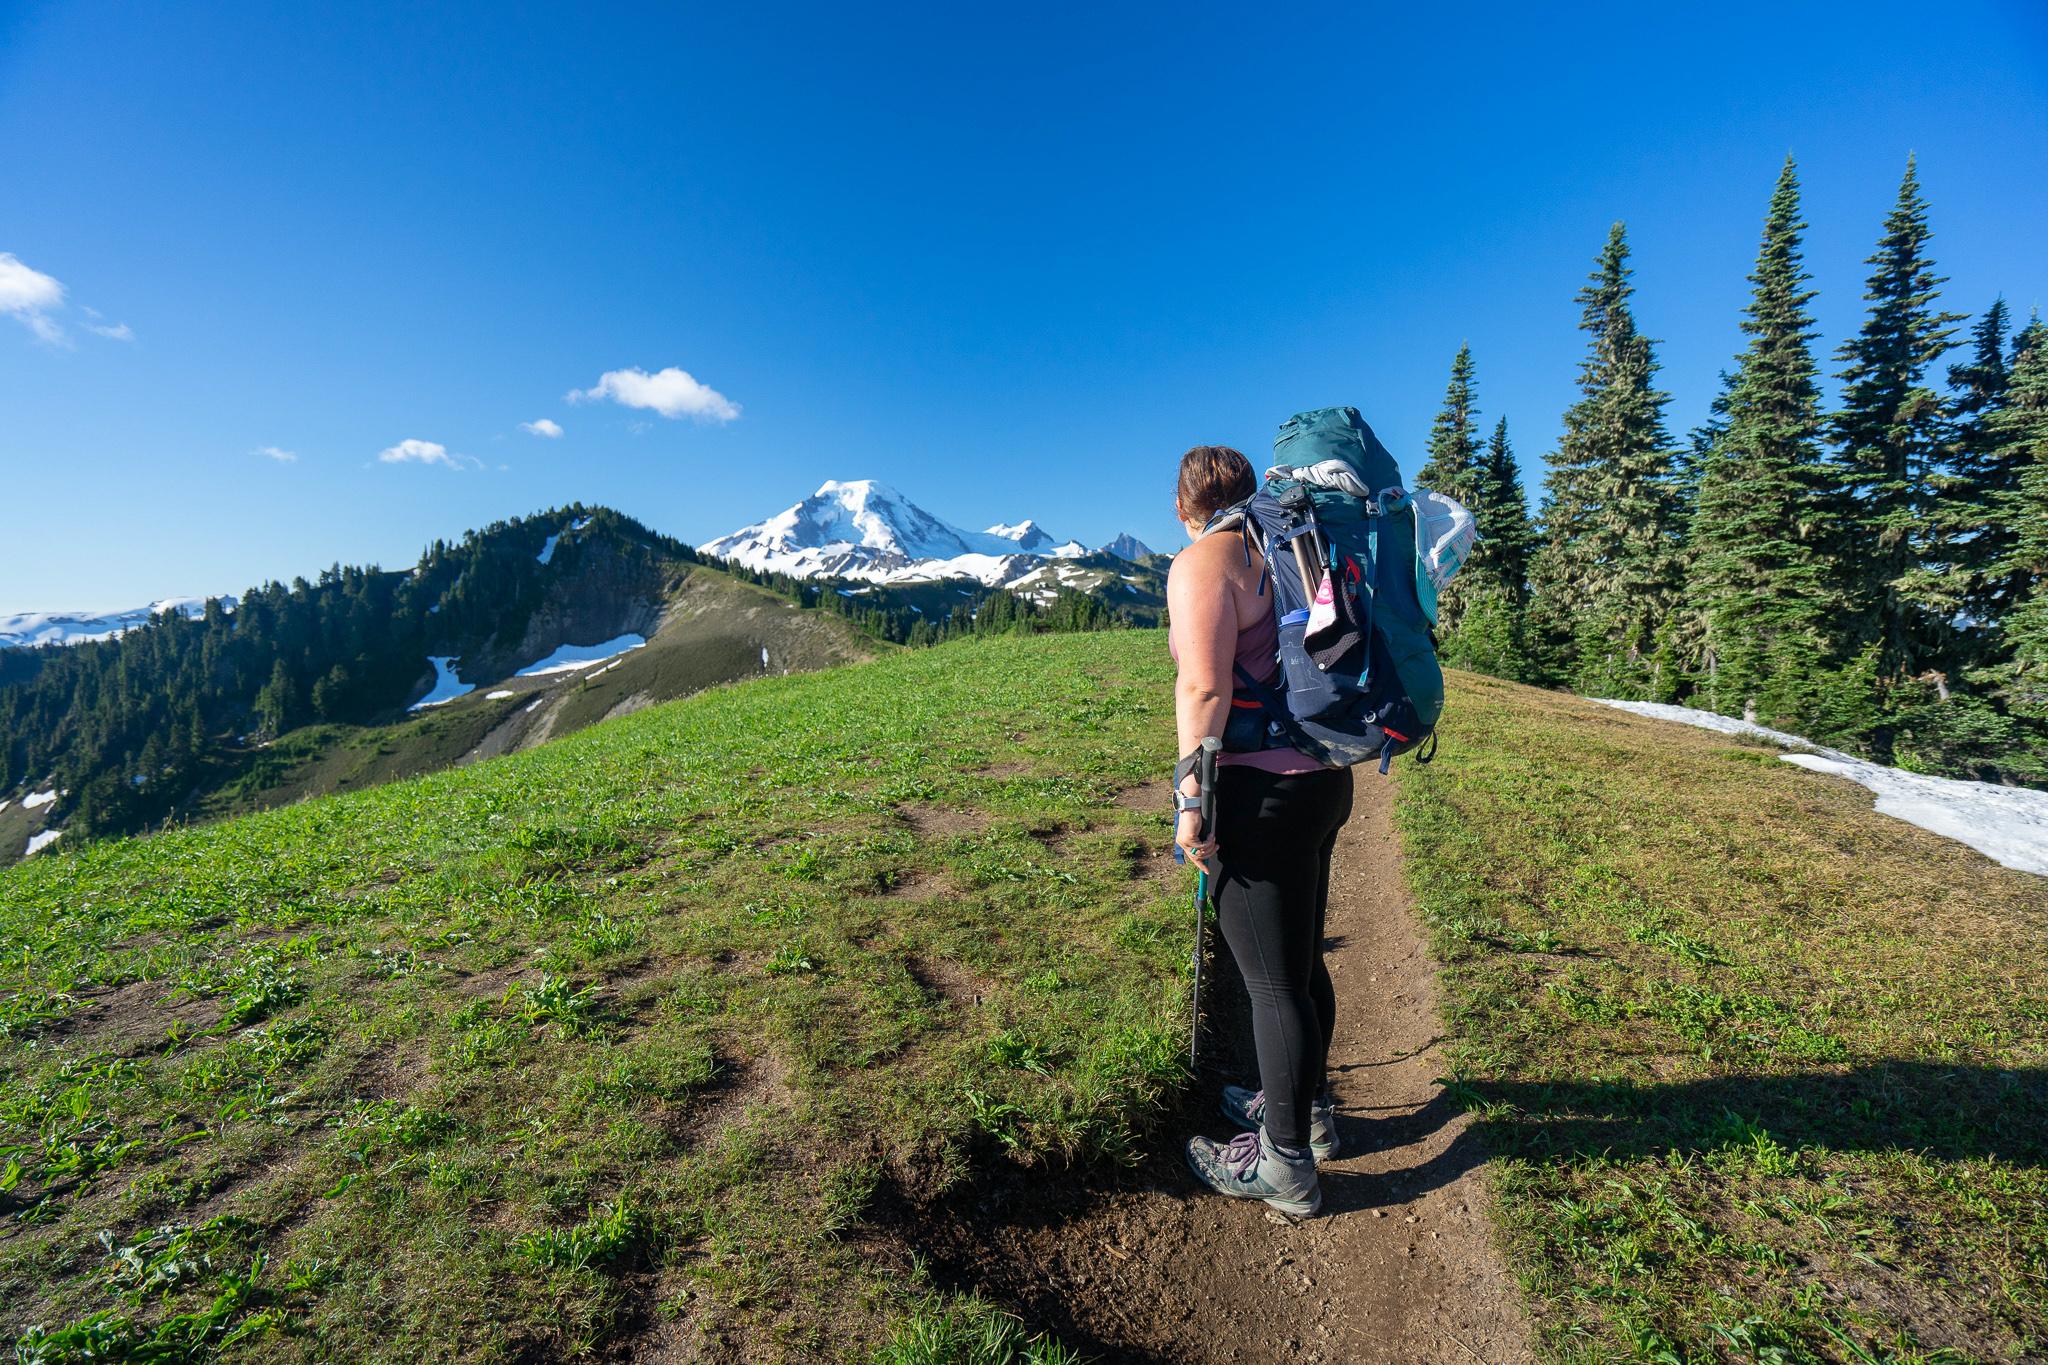 Tagging Mt. Baker Wilderness instead of Skyline Divide